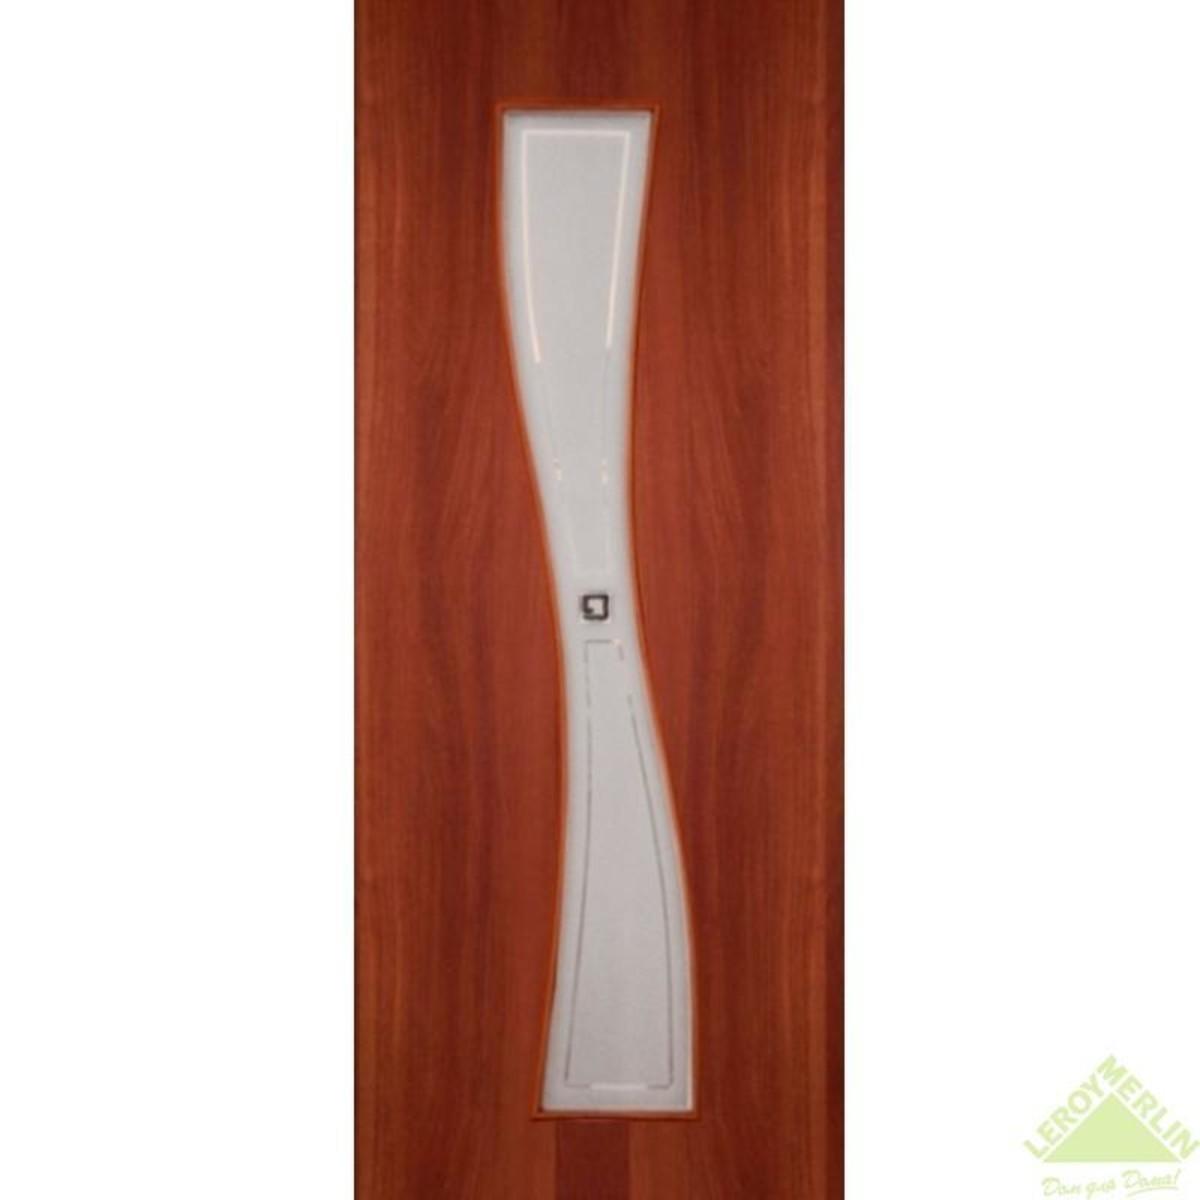 Дверь Межкомнатная Остеклённая Сезия 900x2000 Ламинация Итальянский Орех